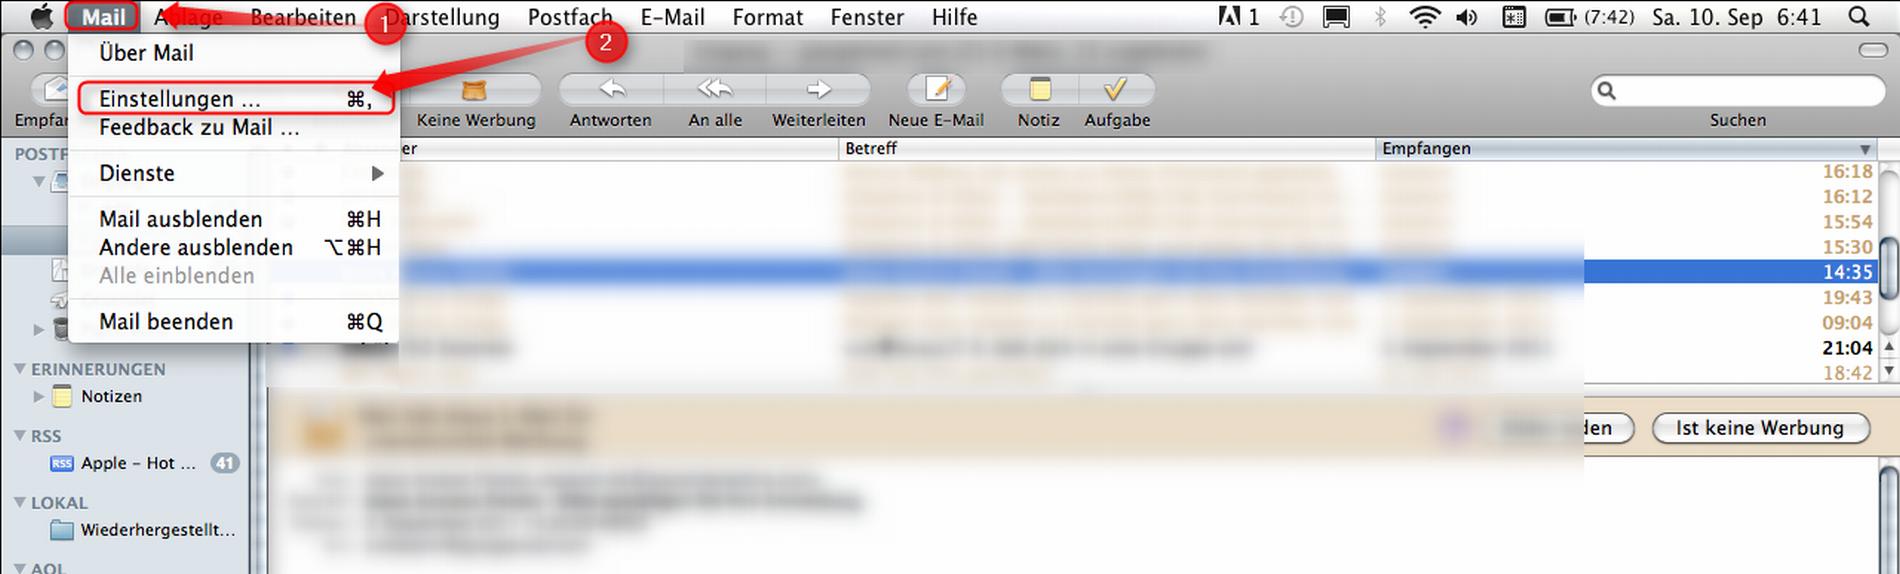 02-Apple_Mail_Einrichtung_freenet_mail_einstellungen_-_Kopie-470.png?nocache=1315720072198